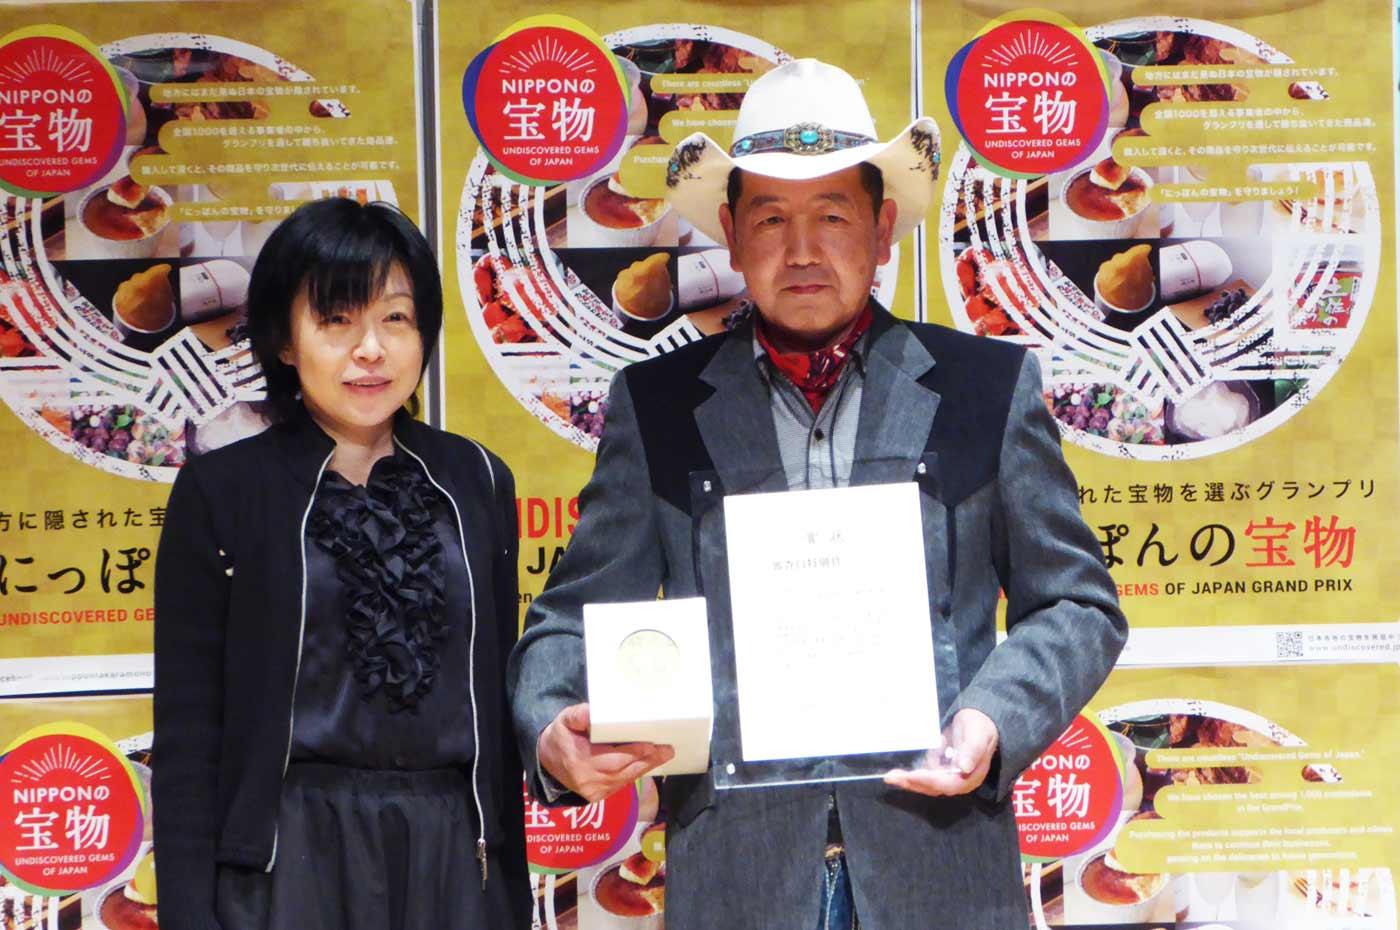 審査員特別賞(ミルクジュレ)の表彰式